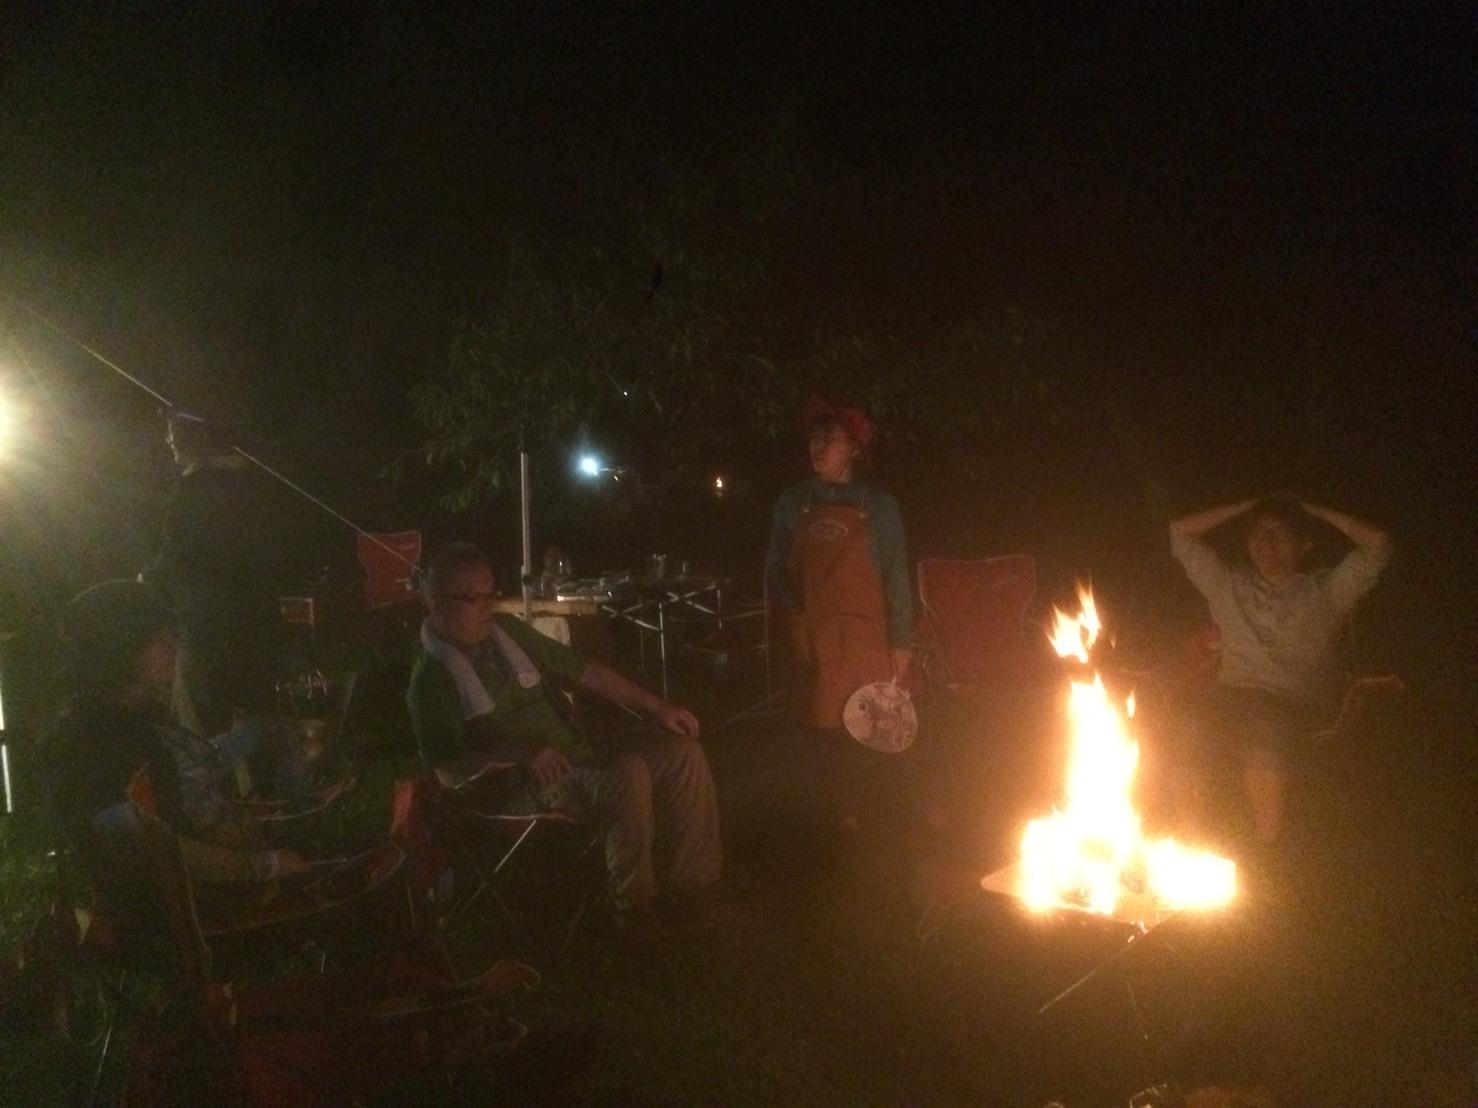 自転車でキャンプに行こうin八剣山行ってきました!_d0197762_16385547.jpeg